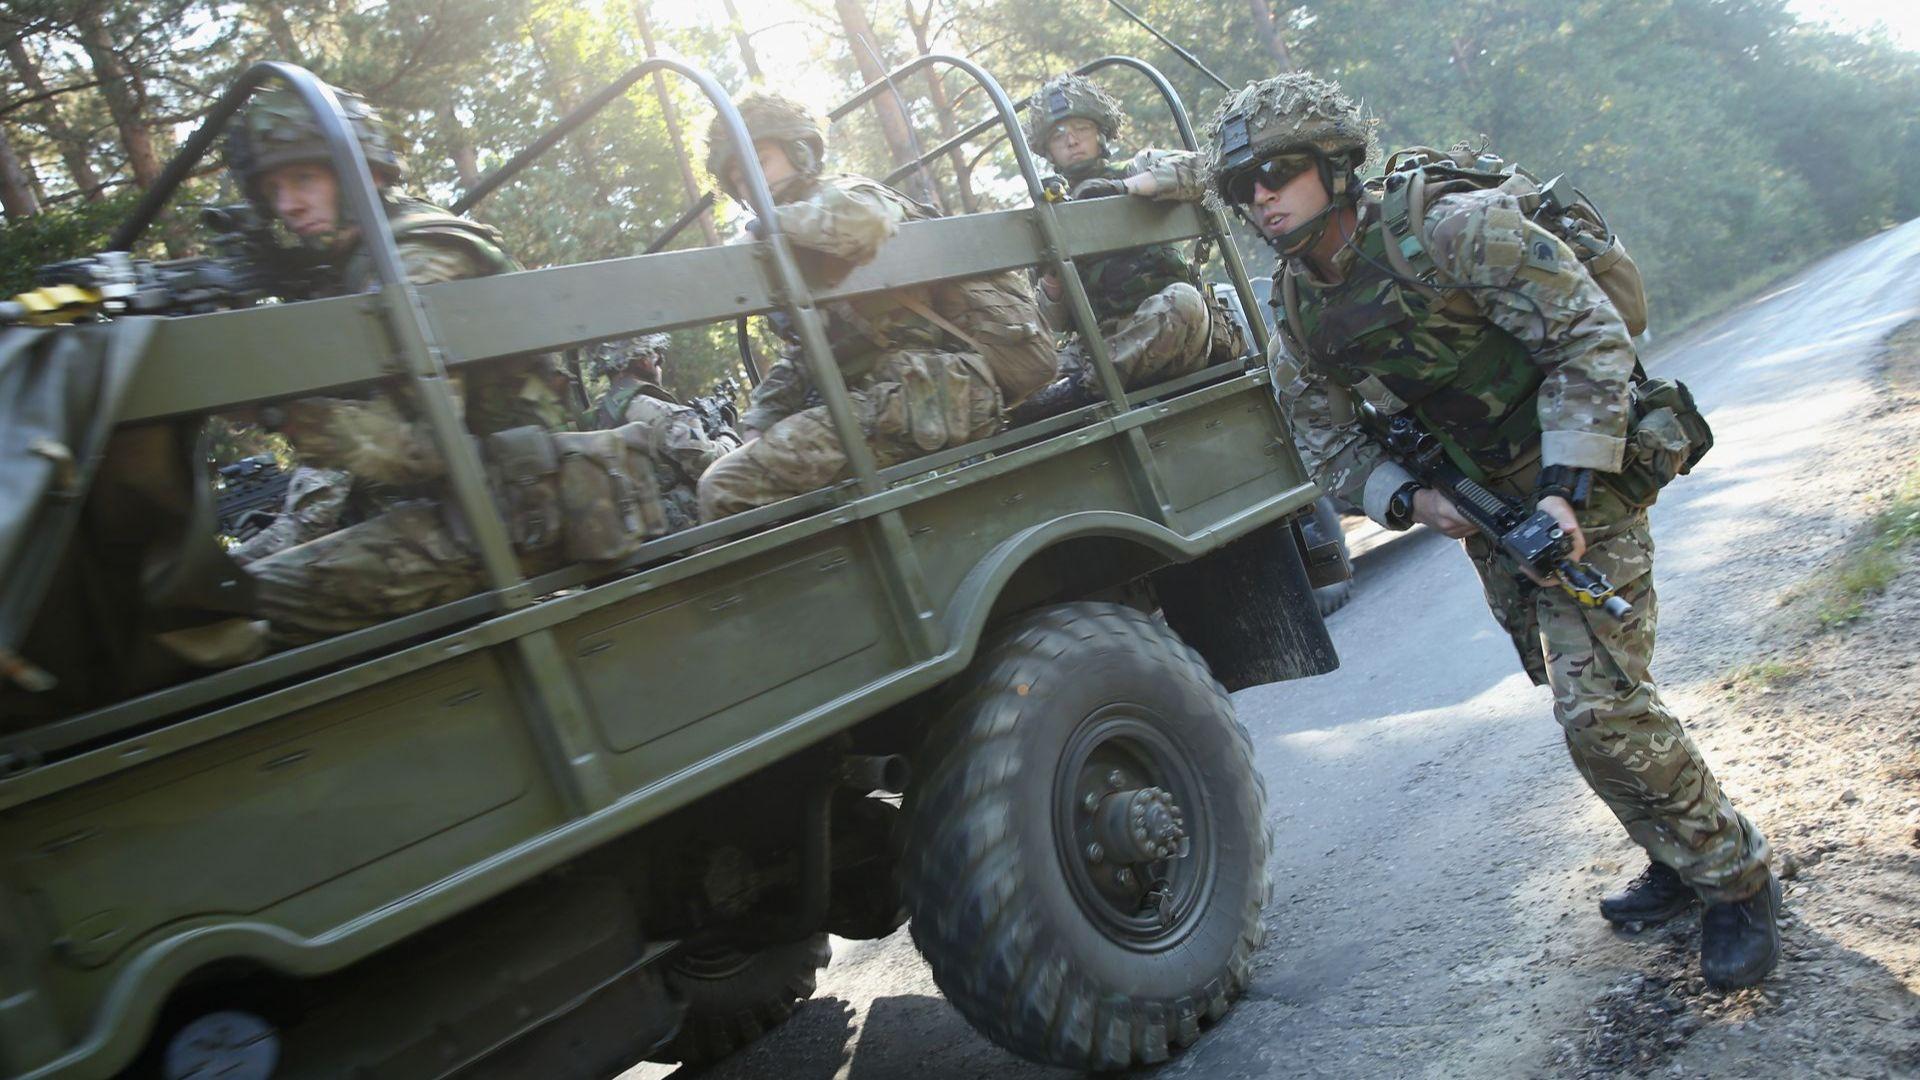 Риск от дестабилизиране: НАТО прехвърли войници в Северно Косово